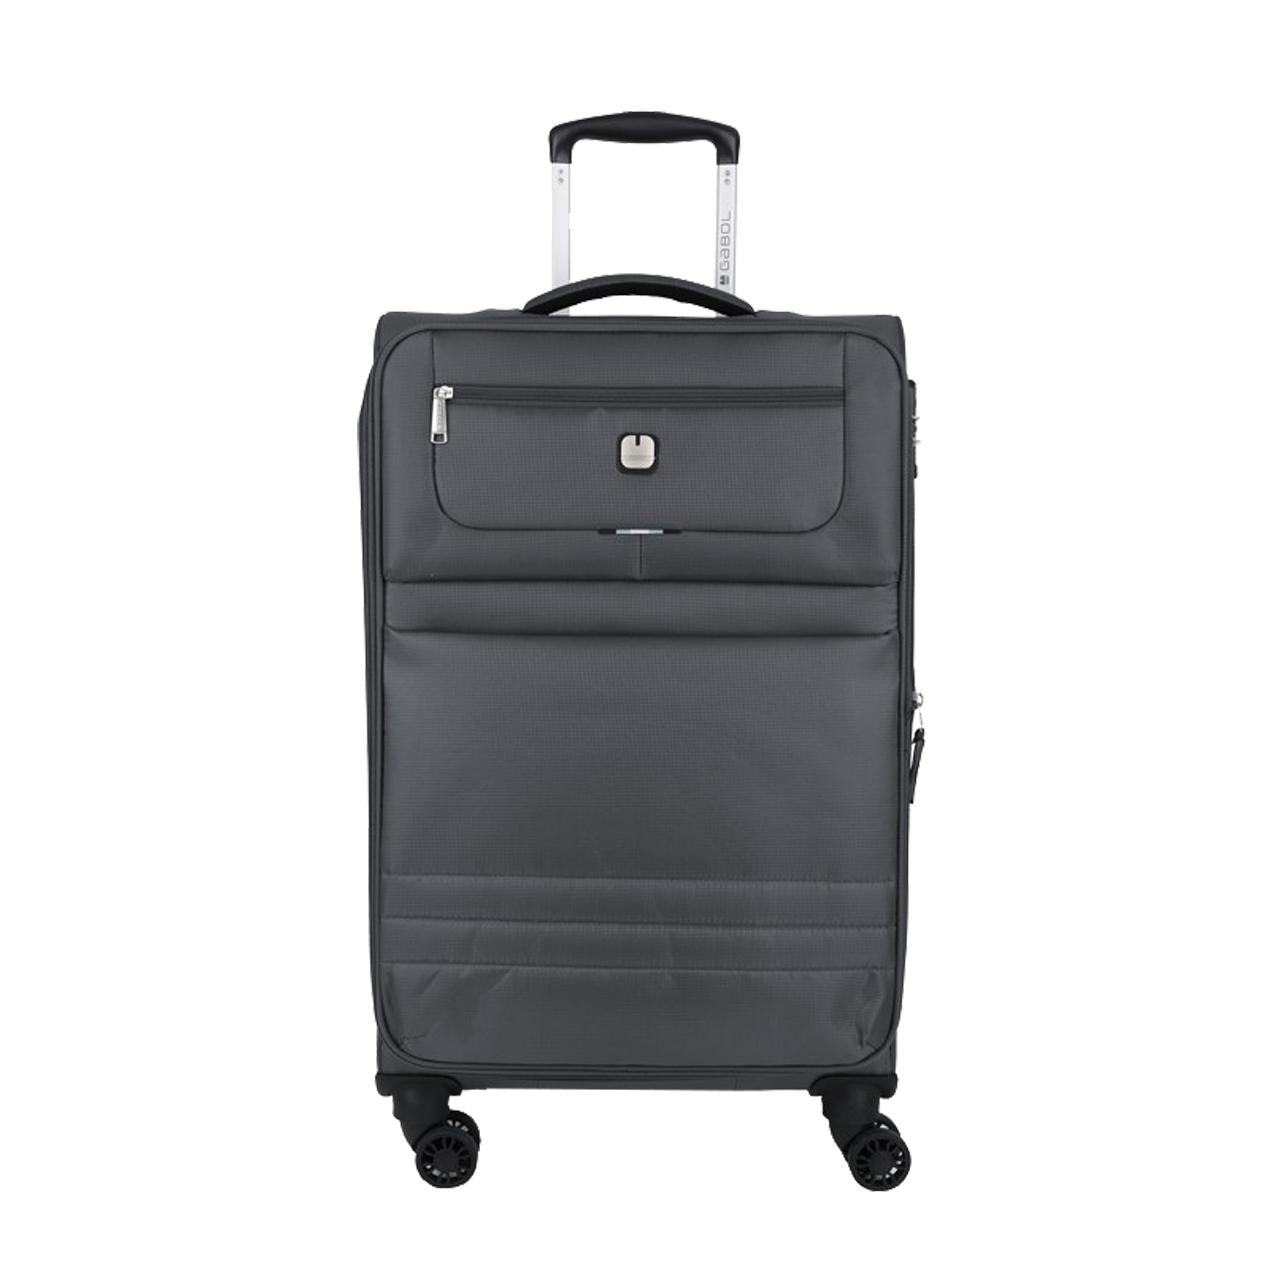 چمدان گابل مدل Aruba 118846 سایز متوسط